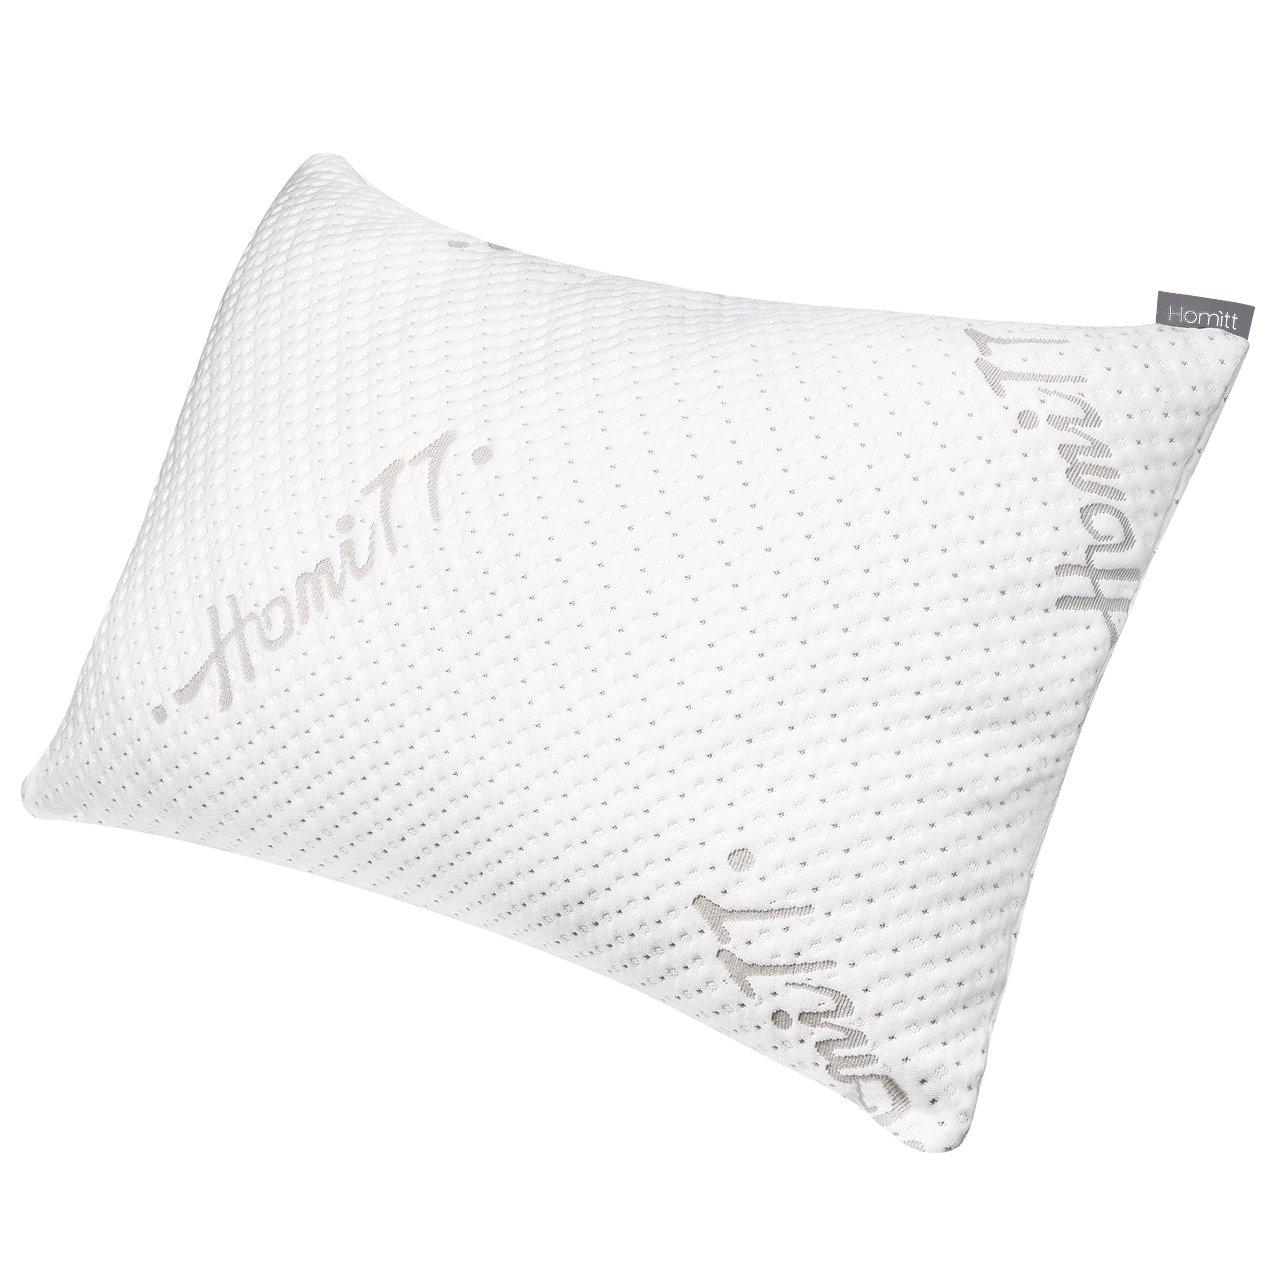 Homitt Schlafkissen aus geschredderten Memory Schaum, Hautsympathisch Queen 71x48cm Pillow, Kopfkissen Höhenverstellbar Antiallergie Atmungsaktiv Gesundheitskissen